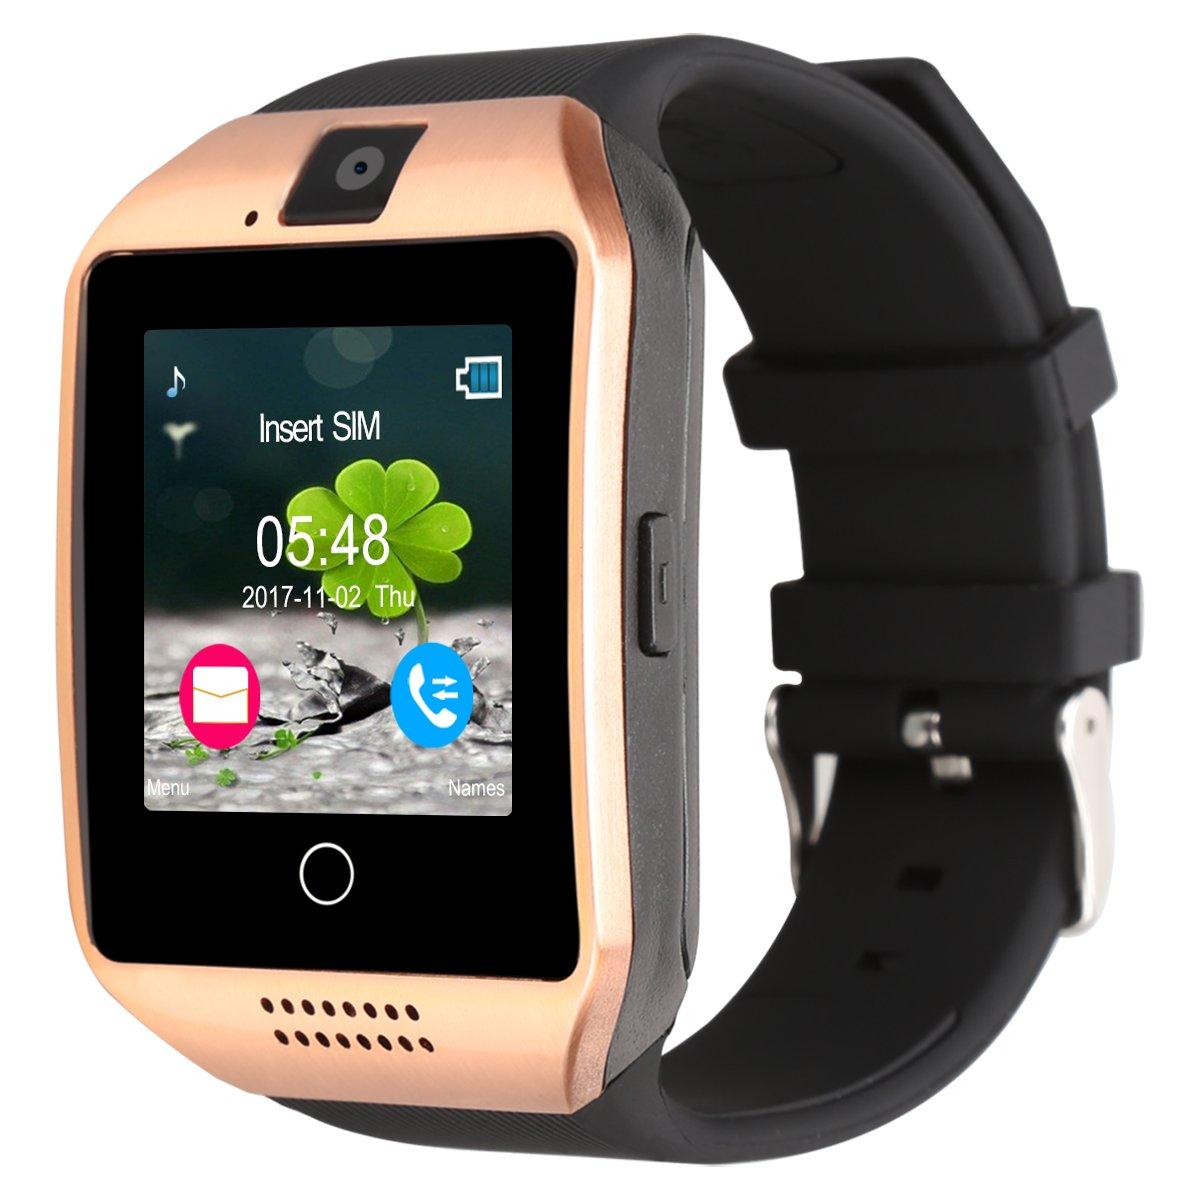 Kivors Reloj Inteligente, Q18 Bluetooth Smartwatch Bluetooth 3.0 HD Pantalla Análisis de Sueño, Podómetro, Monitor del Sueño, Fitness Tracker con cámara ...